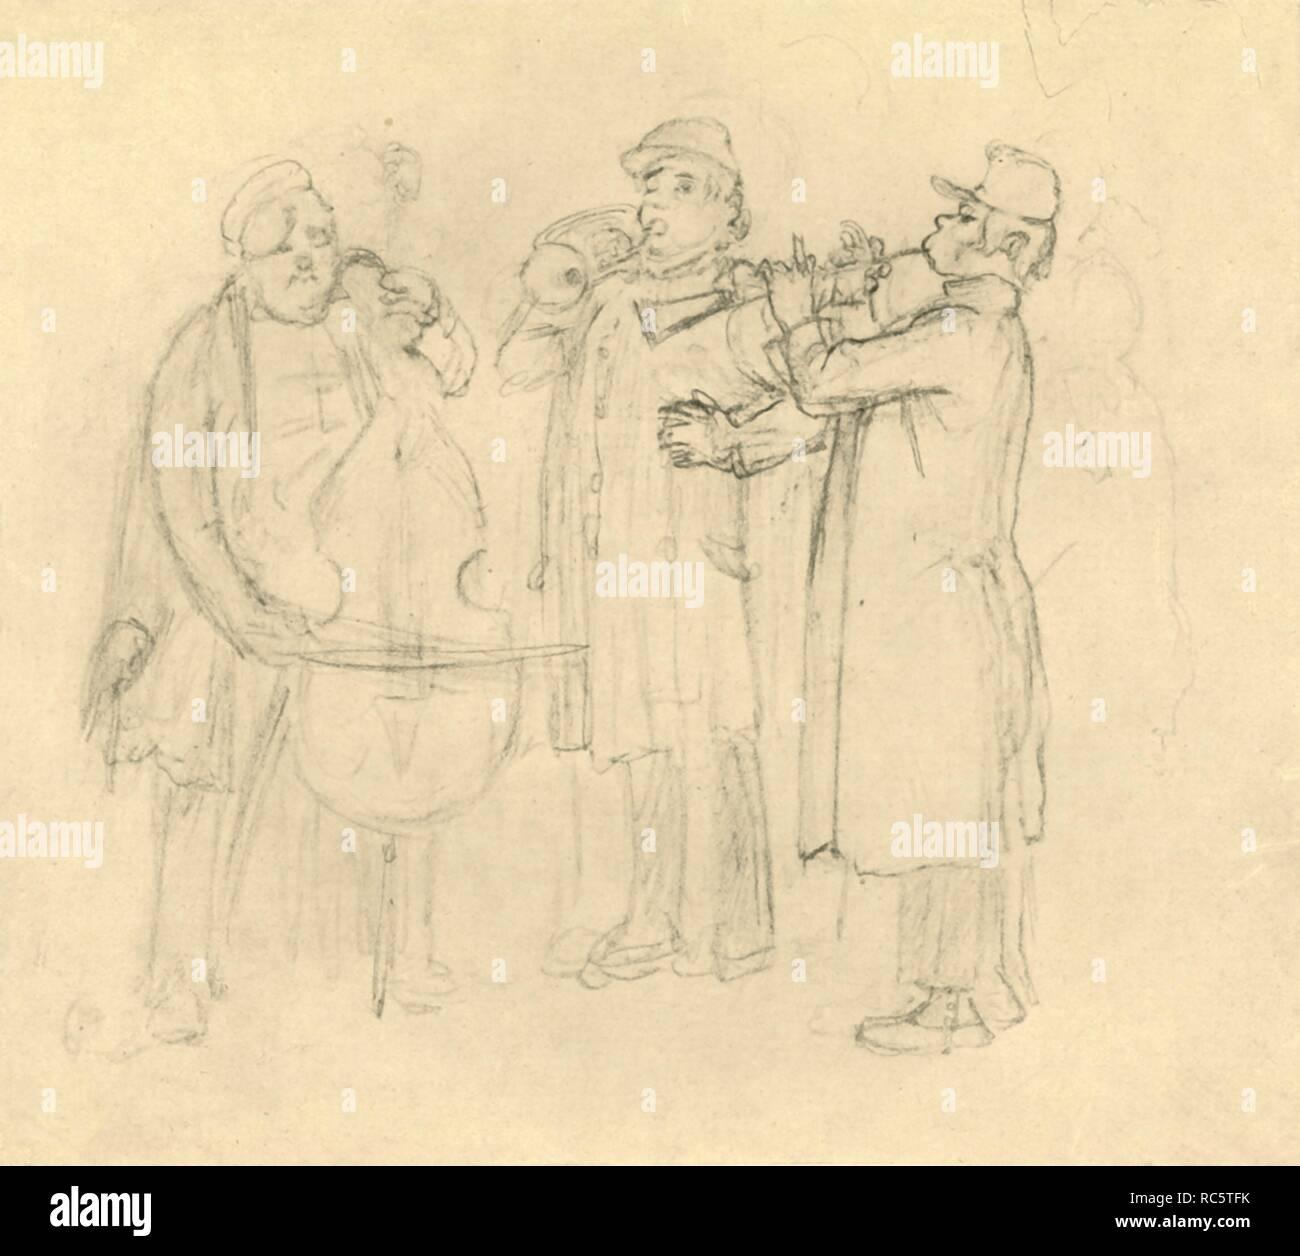 """'Bettelmusikanten', mid-late 19th century, (c1924). Buskers. From """"Die gute alte Zeit: Zeichnungen von Karl Spitzweg"""", (The Good Old Days: drawings by Karl Spitzweg). [Benjamin Harz, Berlin-Vienna, c1924] - Stock Image"""